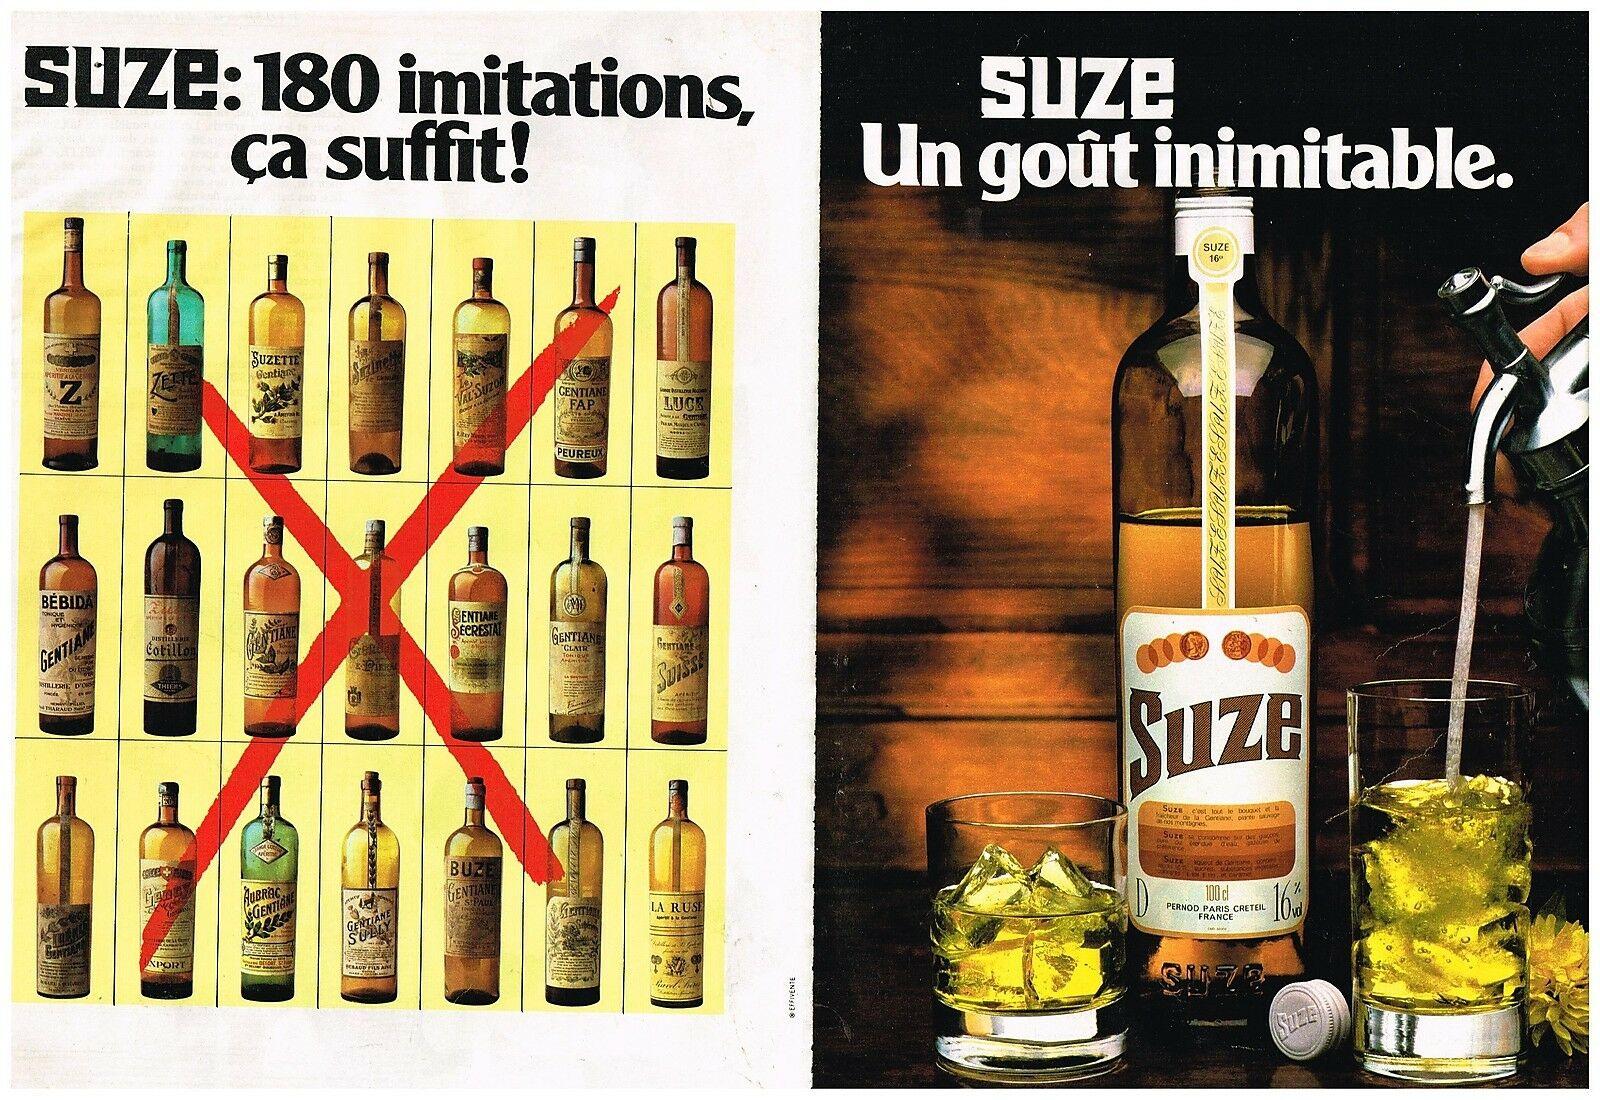 1981 Aperitif Suze